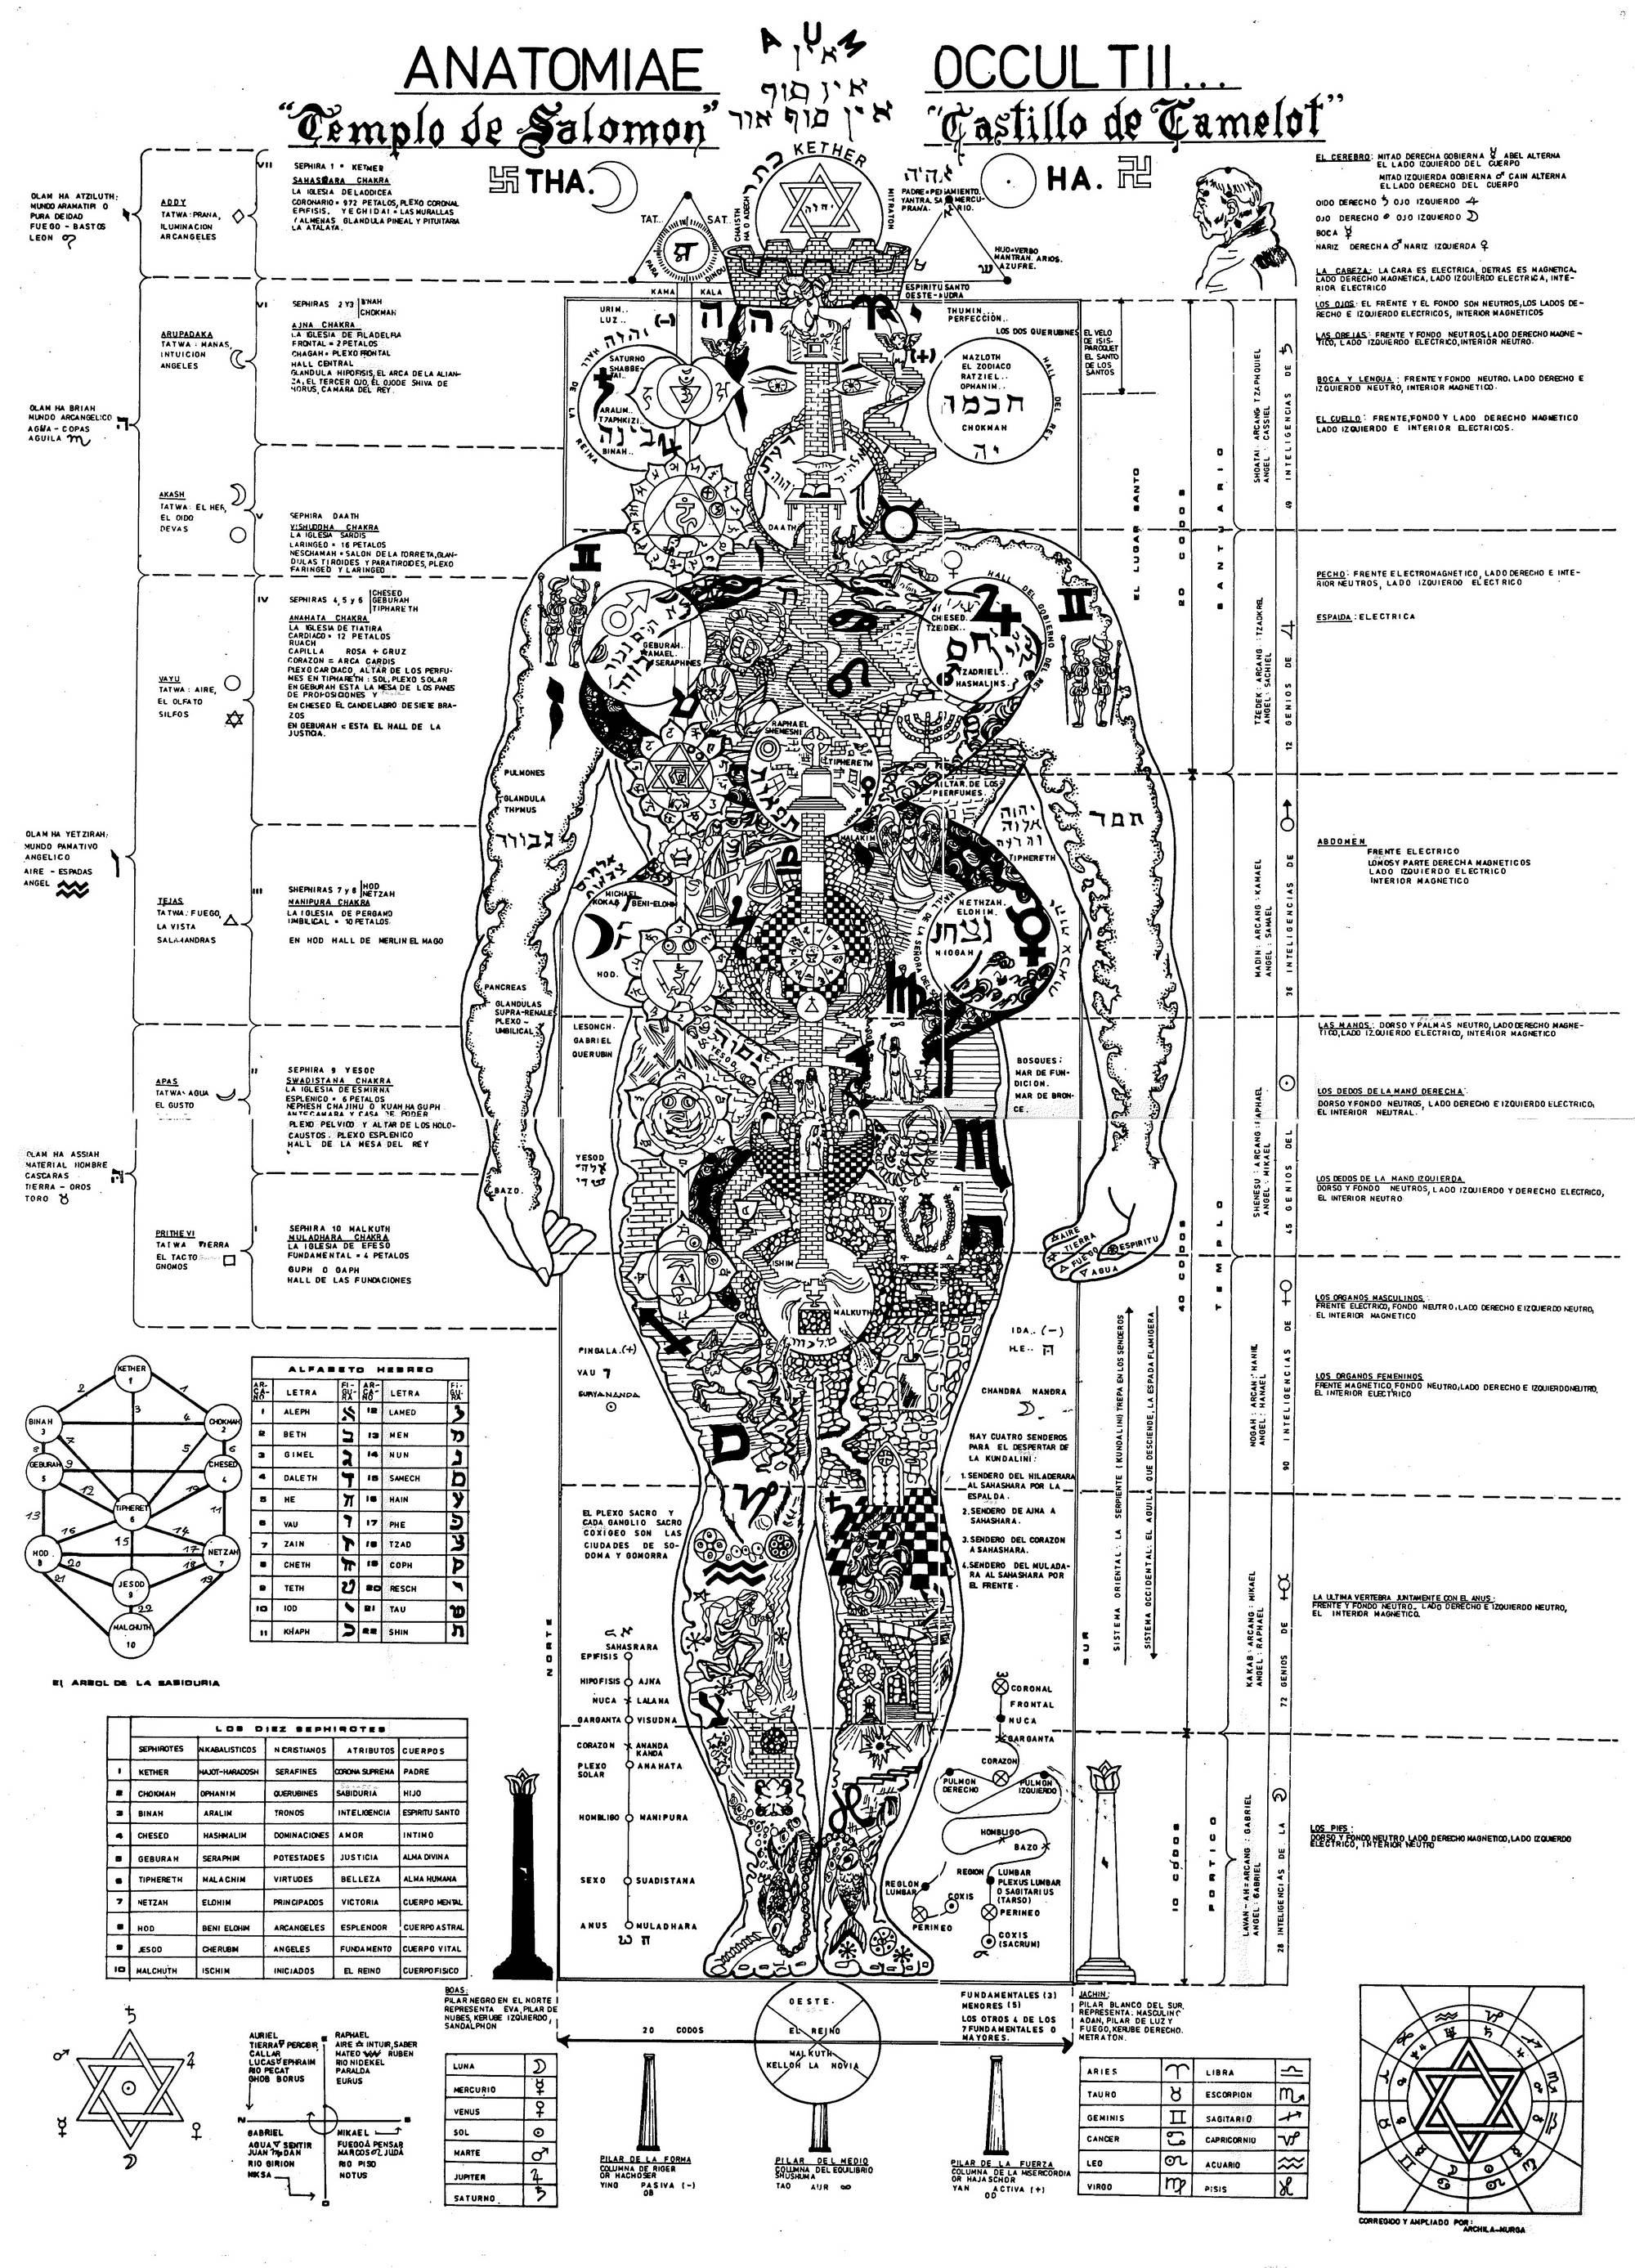 El hombre, el microcosmos del universo (imágenes de la anatomía oculta)